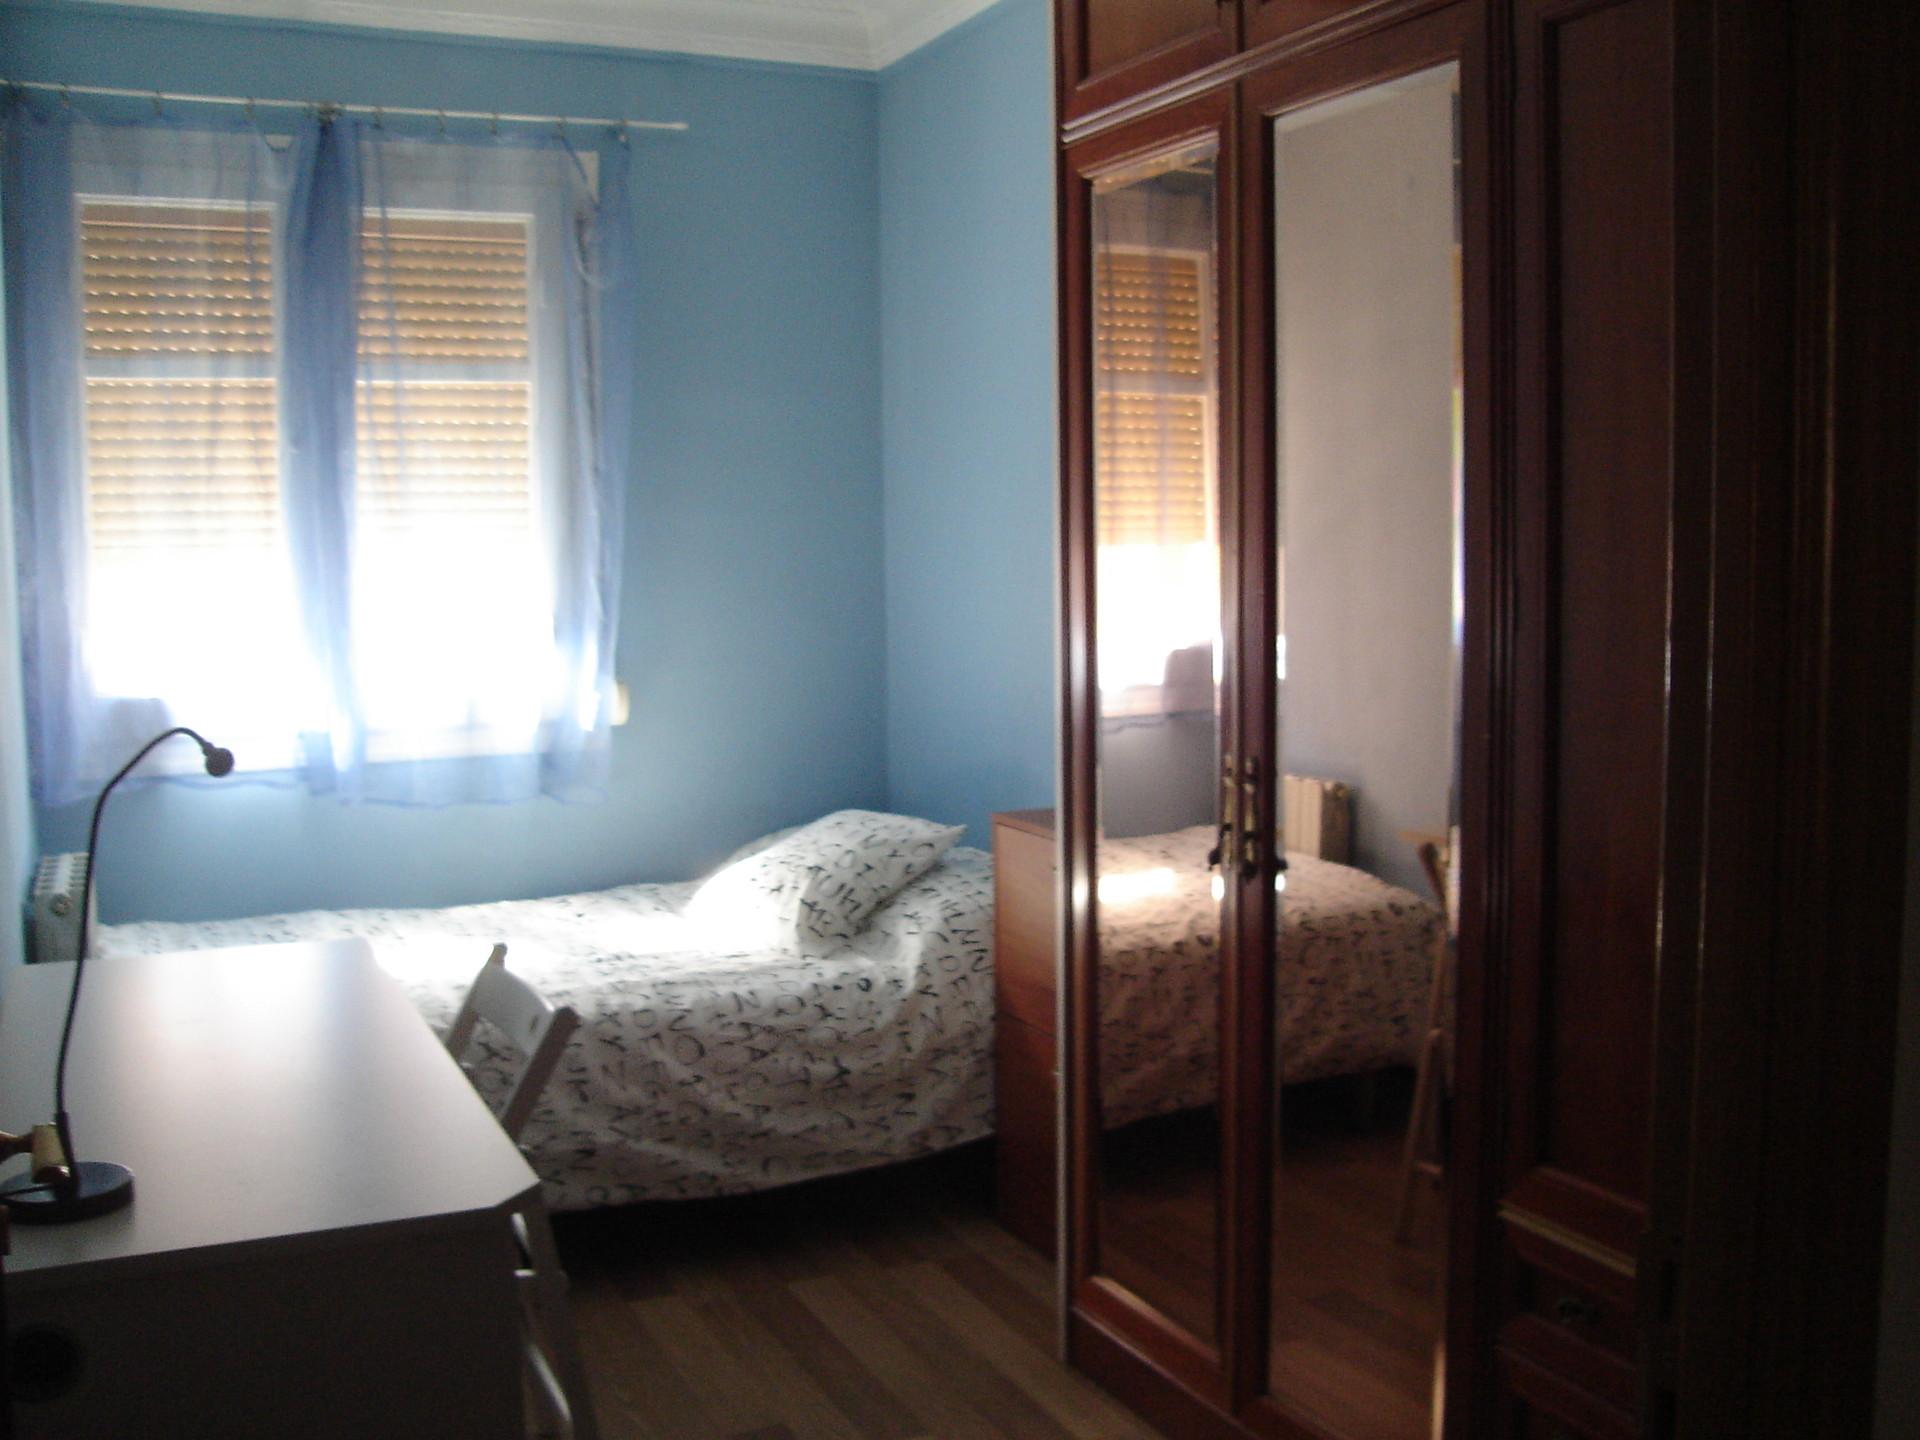 Habitaci N En Piso Compartido Solo Chicas Muy Pr Ximo A La  # Muebles Duquesa Villahermosa Zaragoza